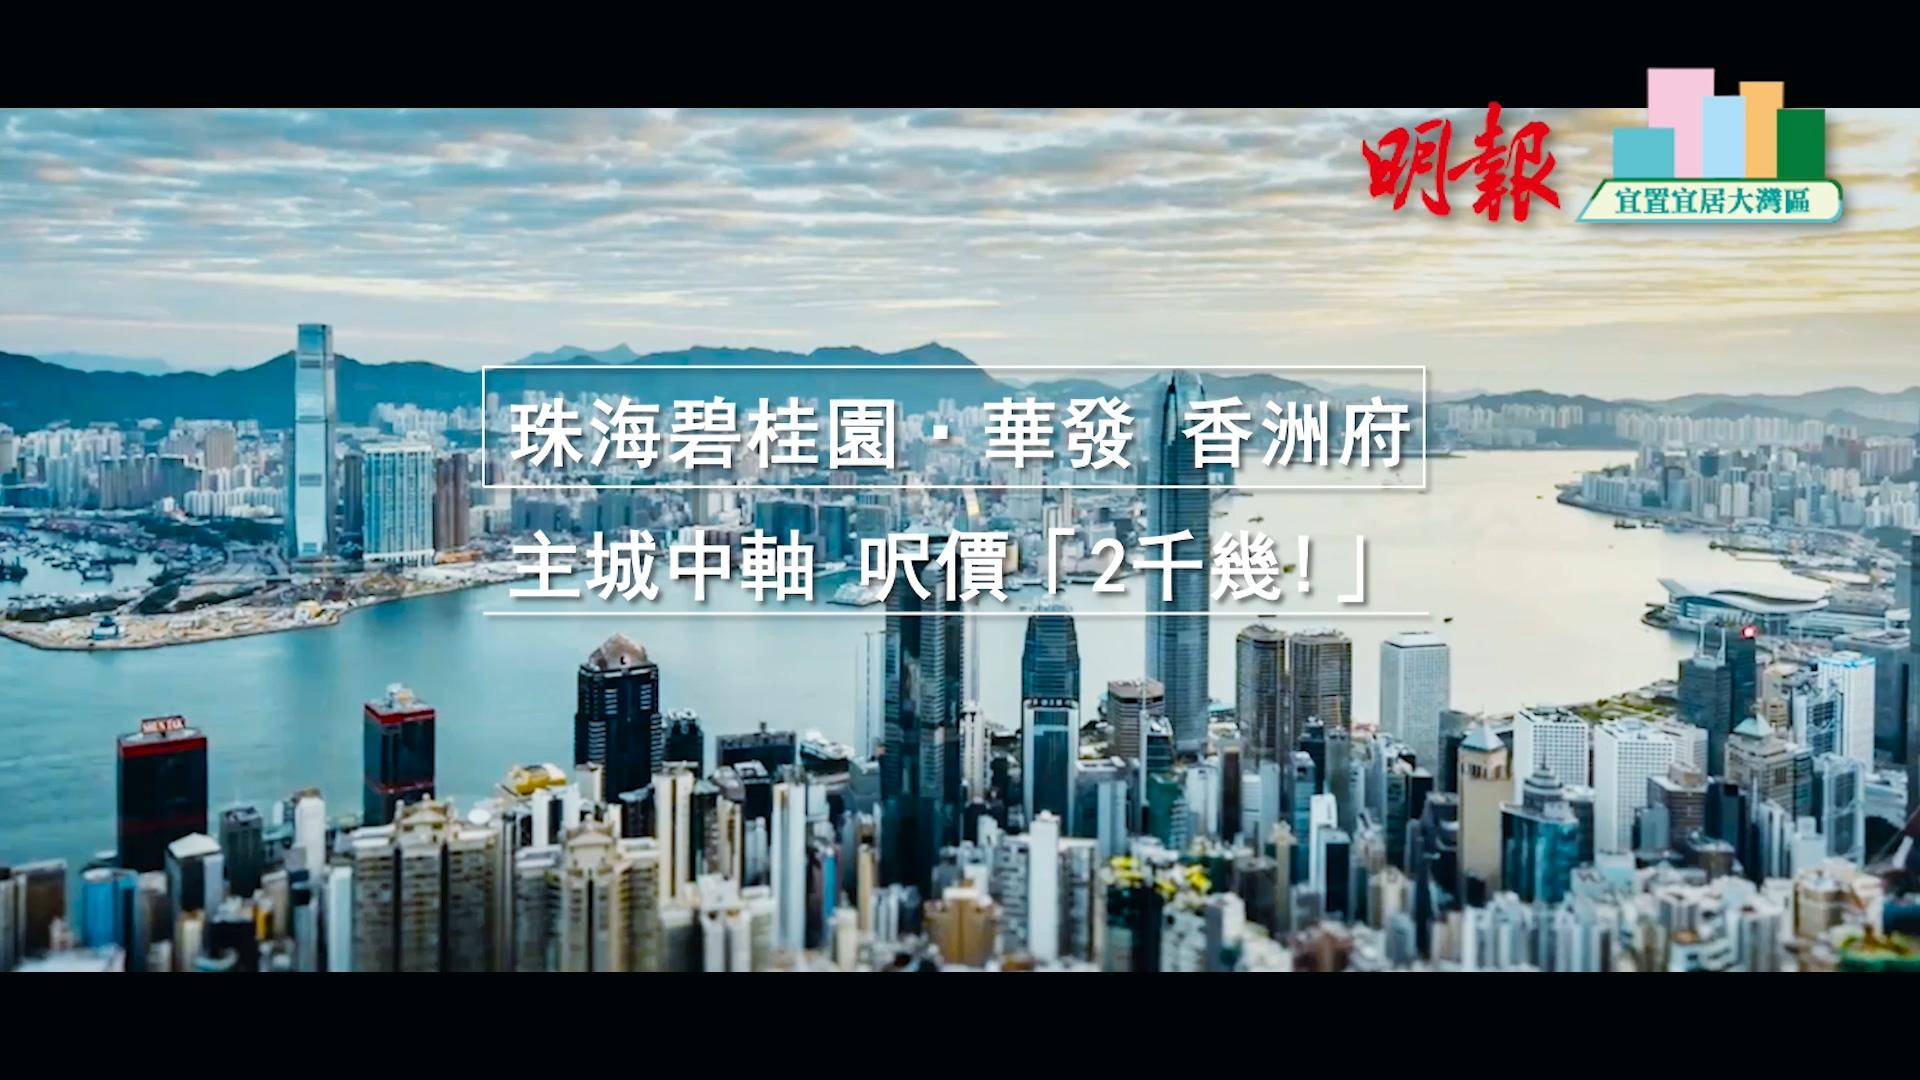 直擊 珠海碧桂園 ‧ 華發 香洲府 位居主城中軸 呎價「2千幾﹗」